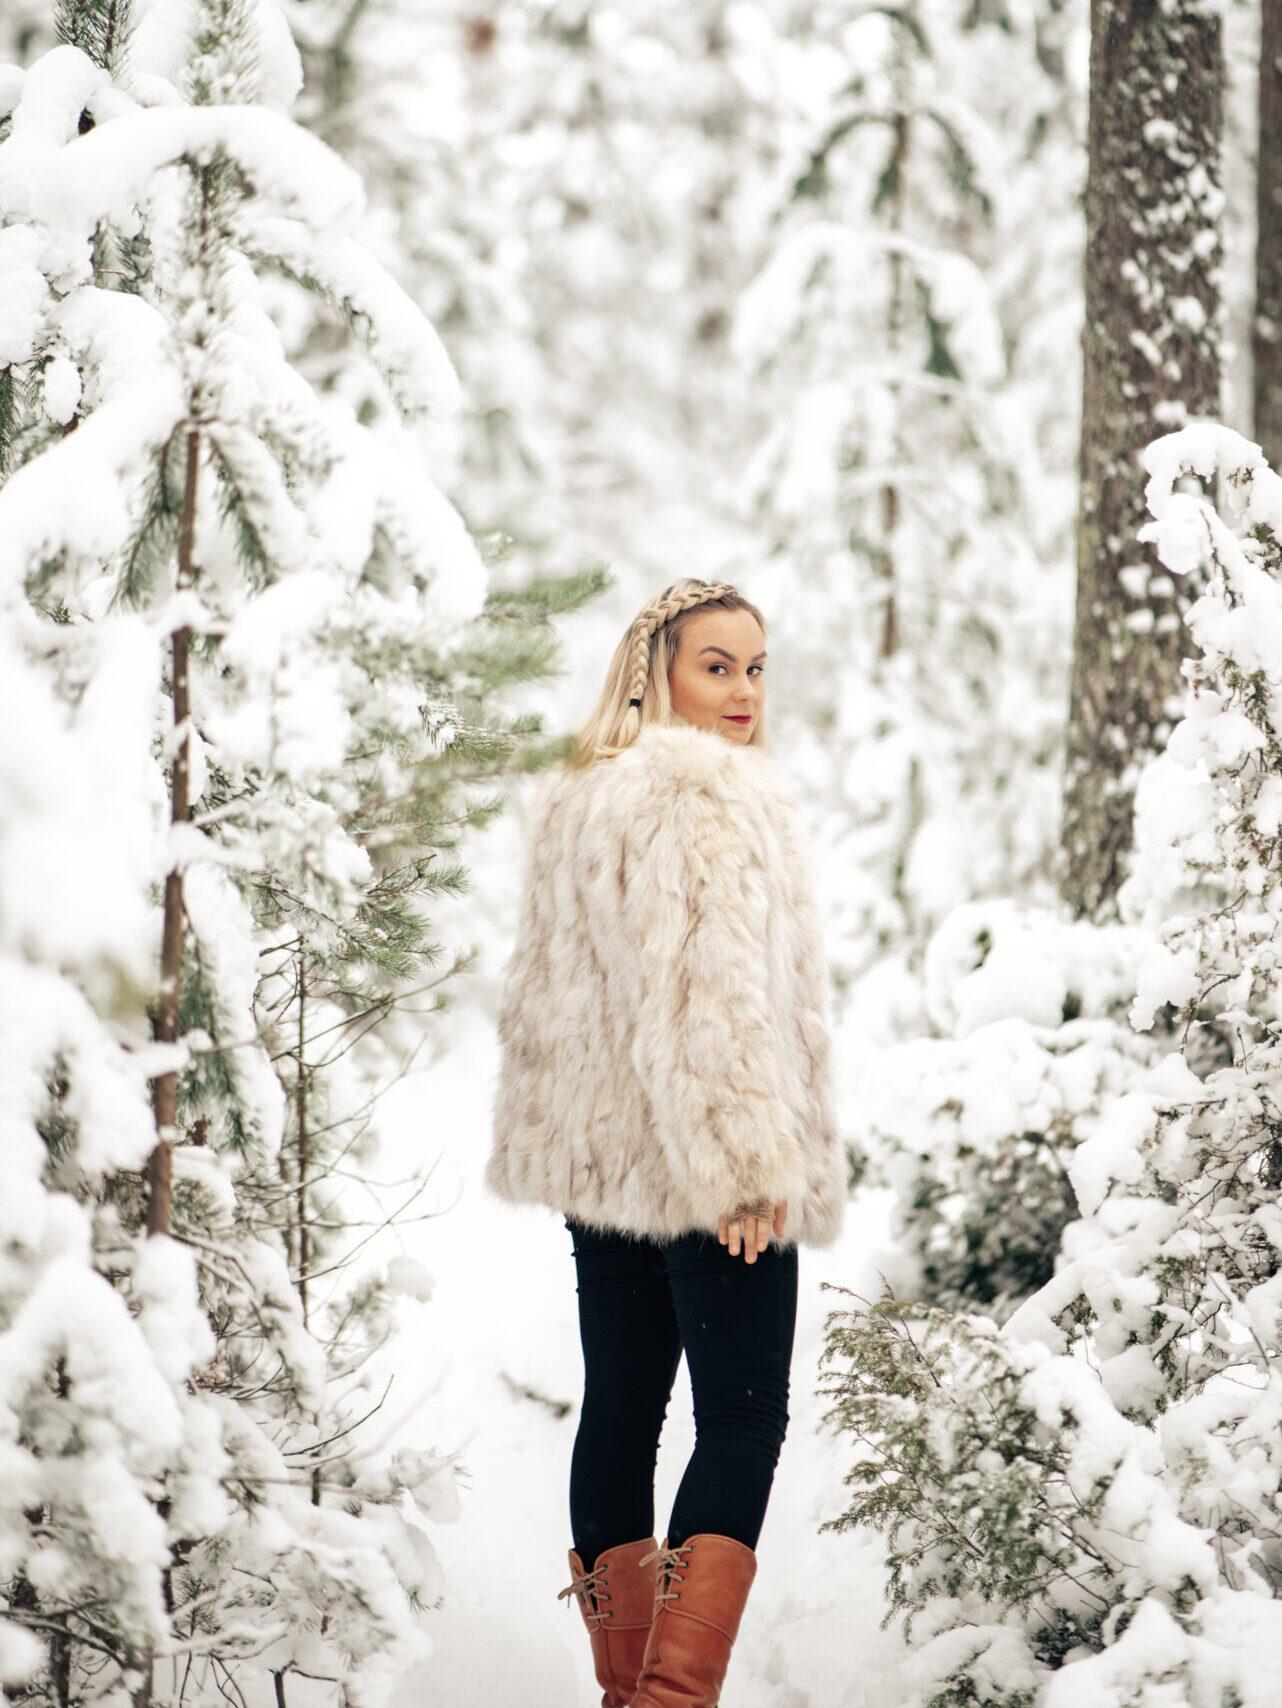 Vaaleahiuksinen nainen kävelemässä turkki päällä lumisessa metsässä.